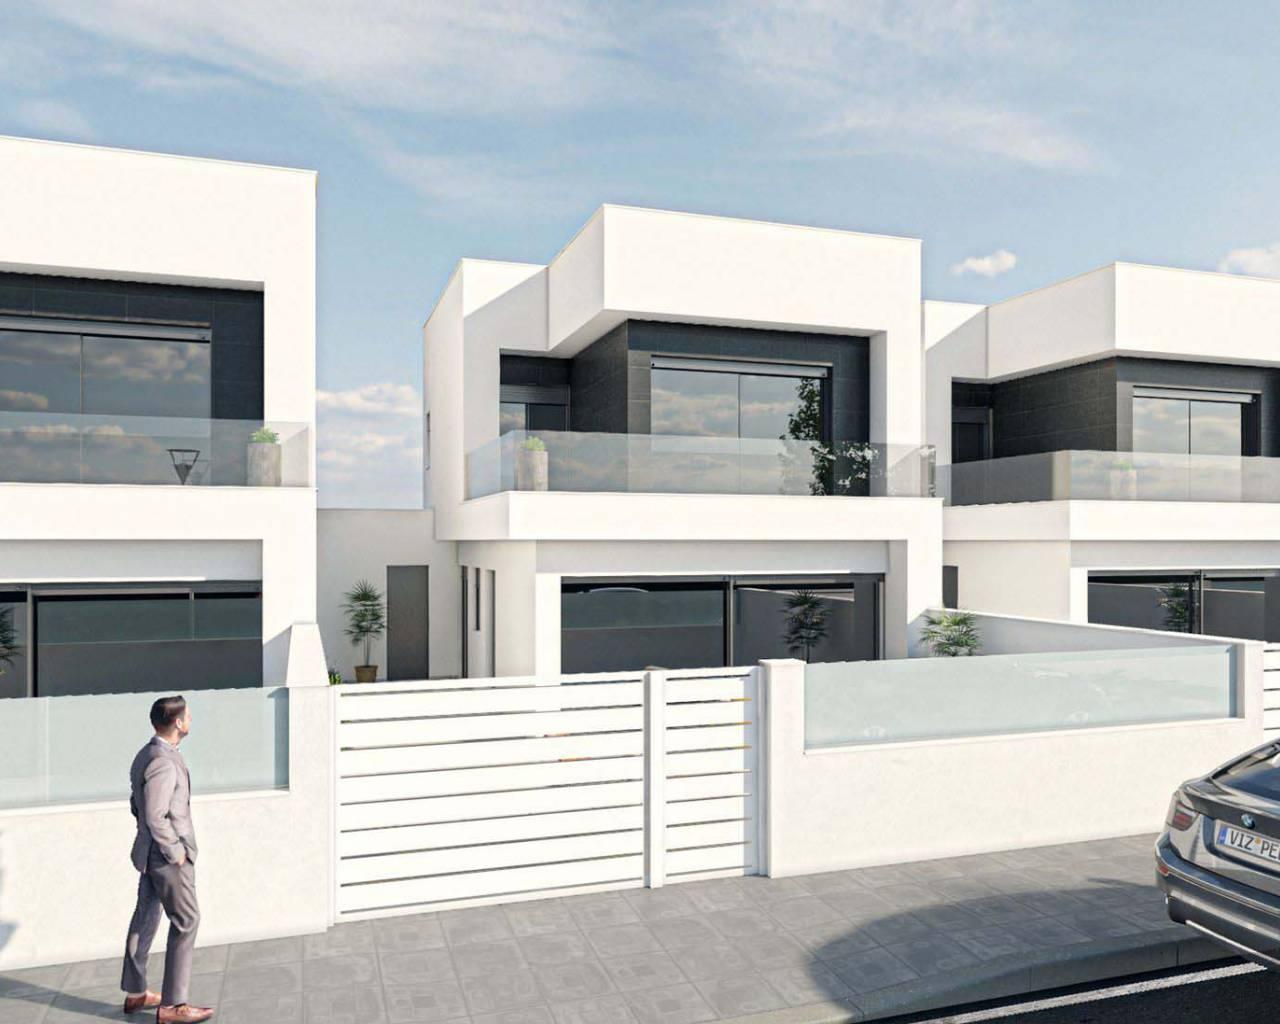 nieuwbouw-vrijstaande-villa-san-pedro-del-pinatar_5024_xl